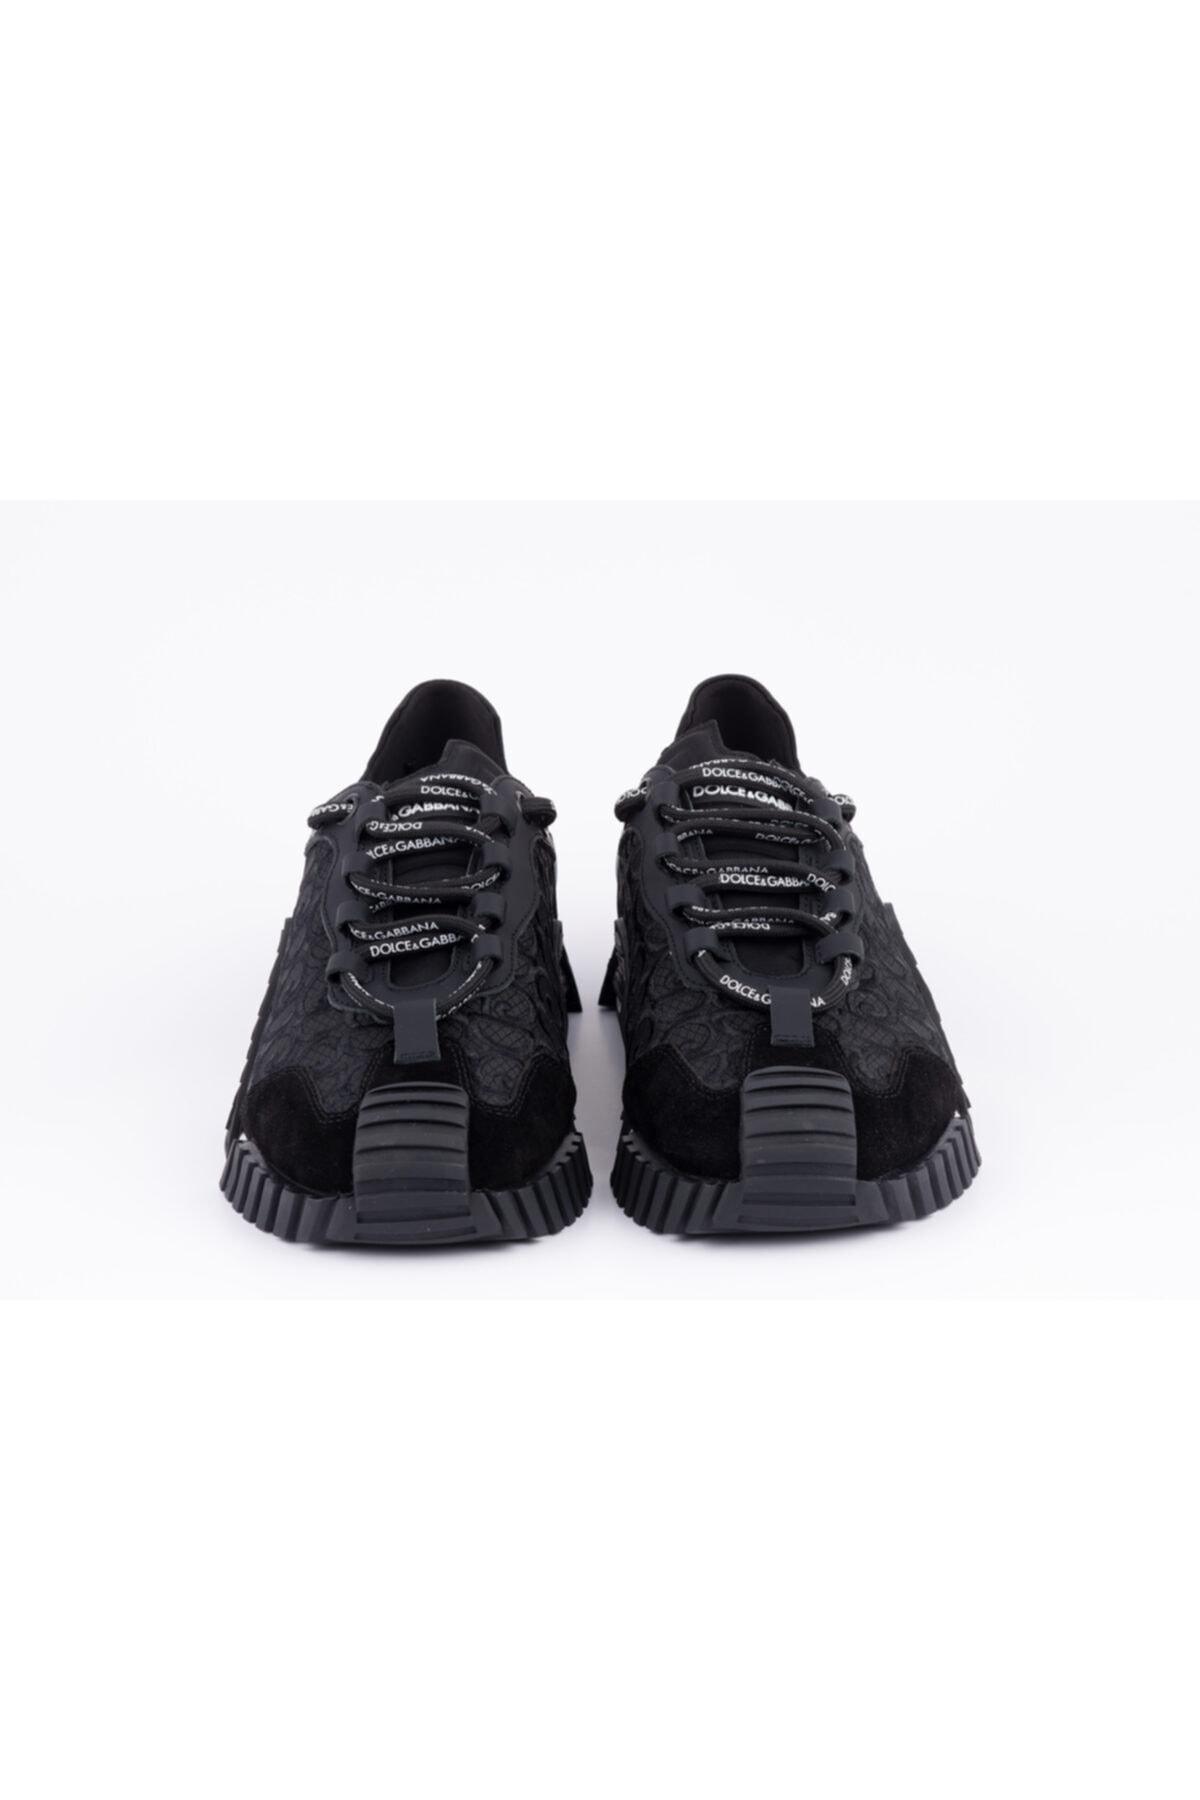 Dolce Gabbana Dolce&gabbana Sneaker 2